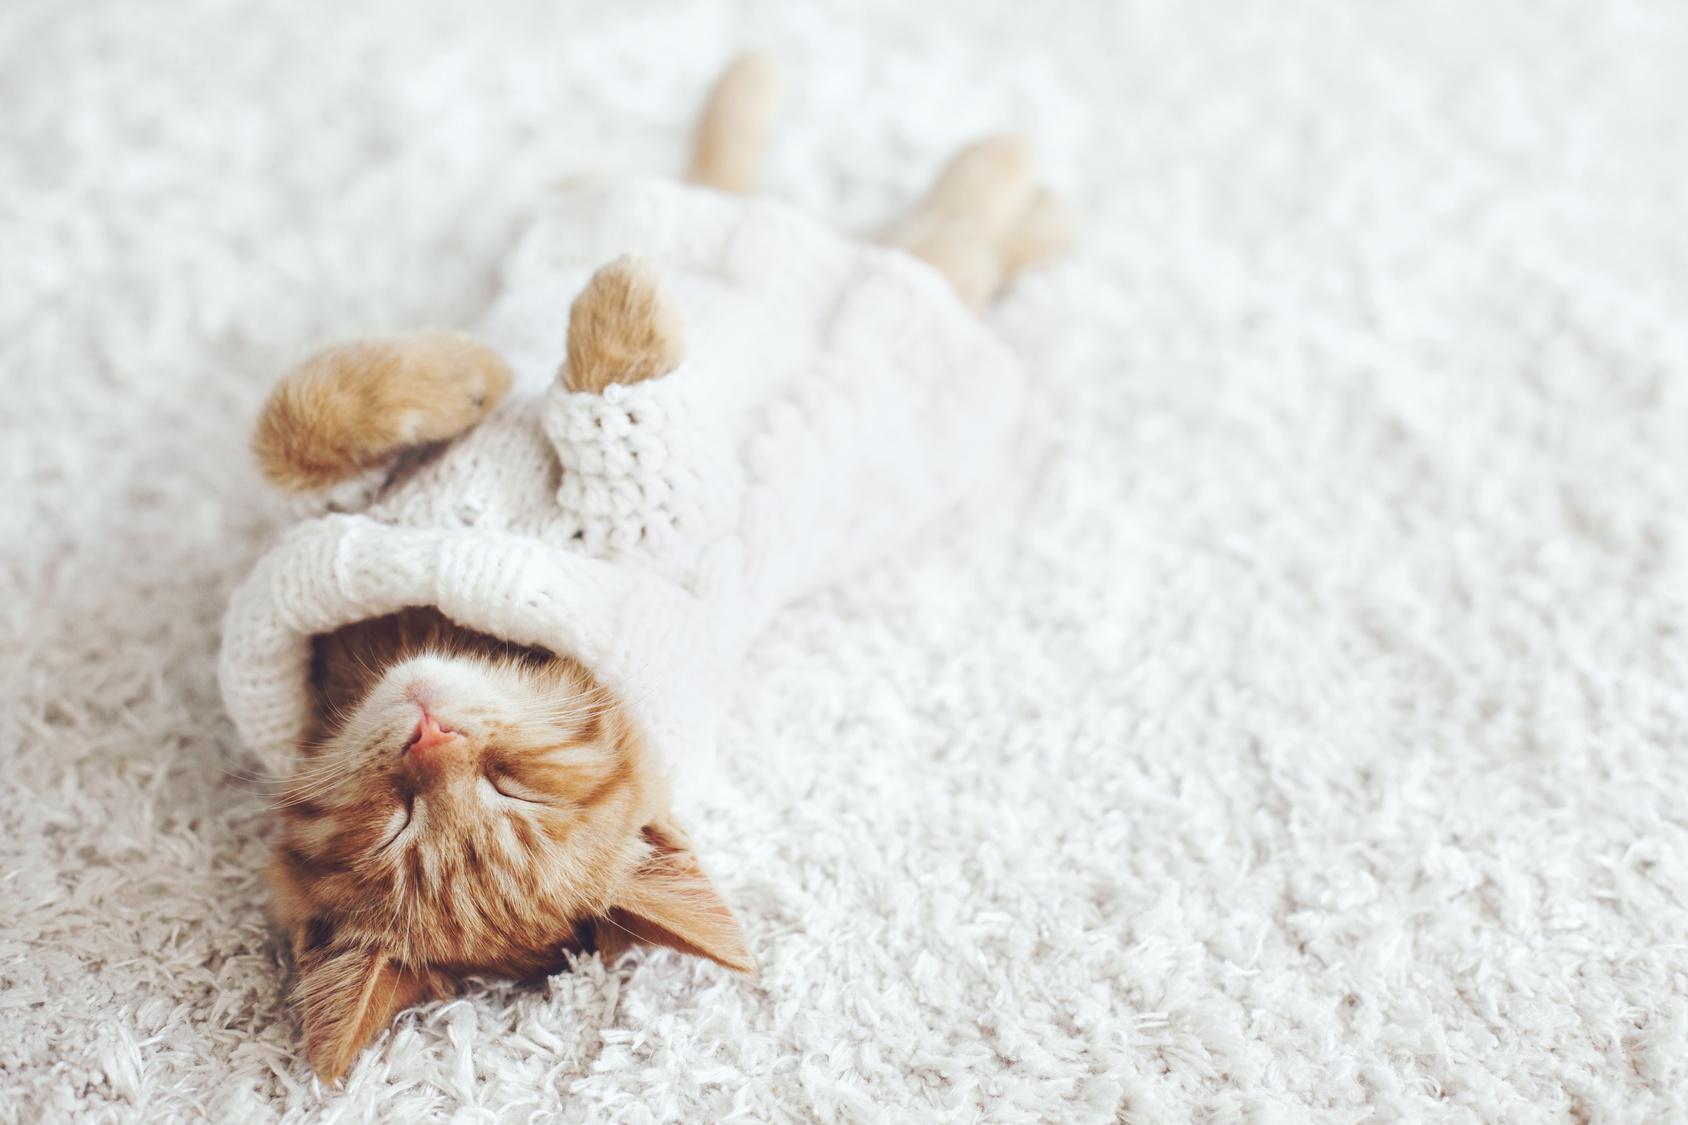 Grundlegendes zur Kittenpflege & Kittenfütterung - DeineTierwelt Magazin